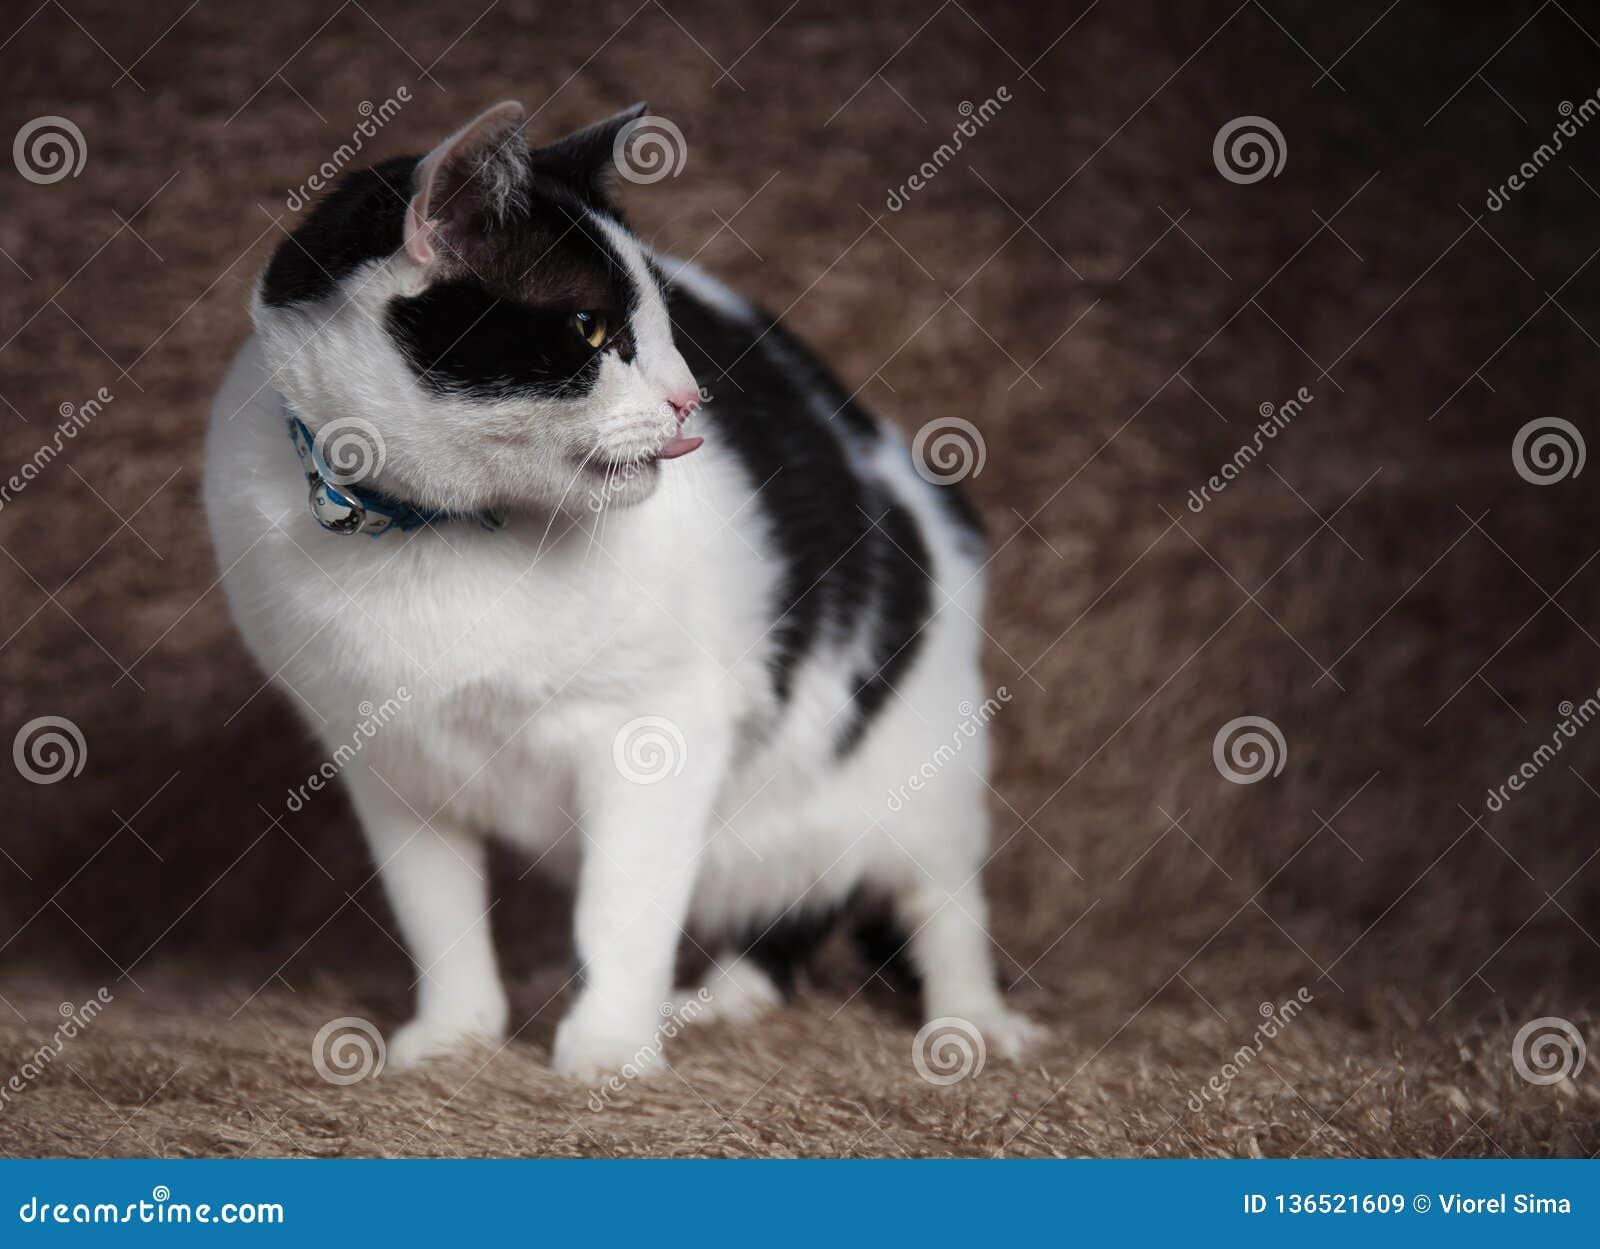 Chat adorable portant des regards de collier bleu pour dégrossir tout en haletant